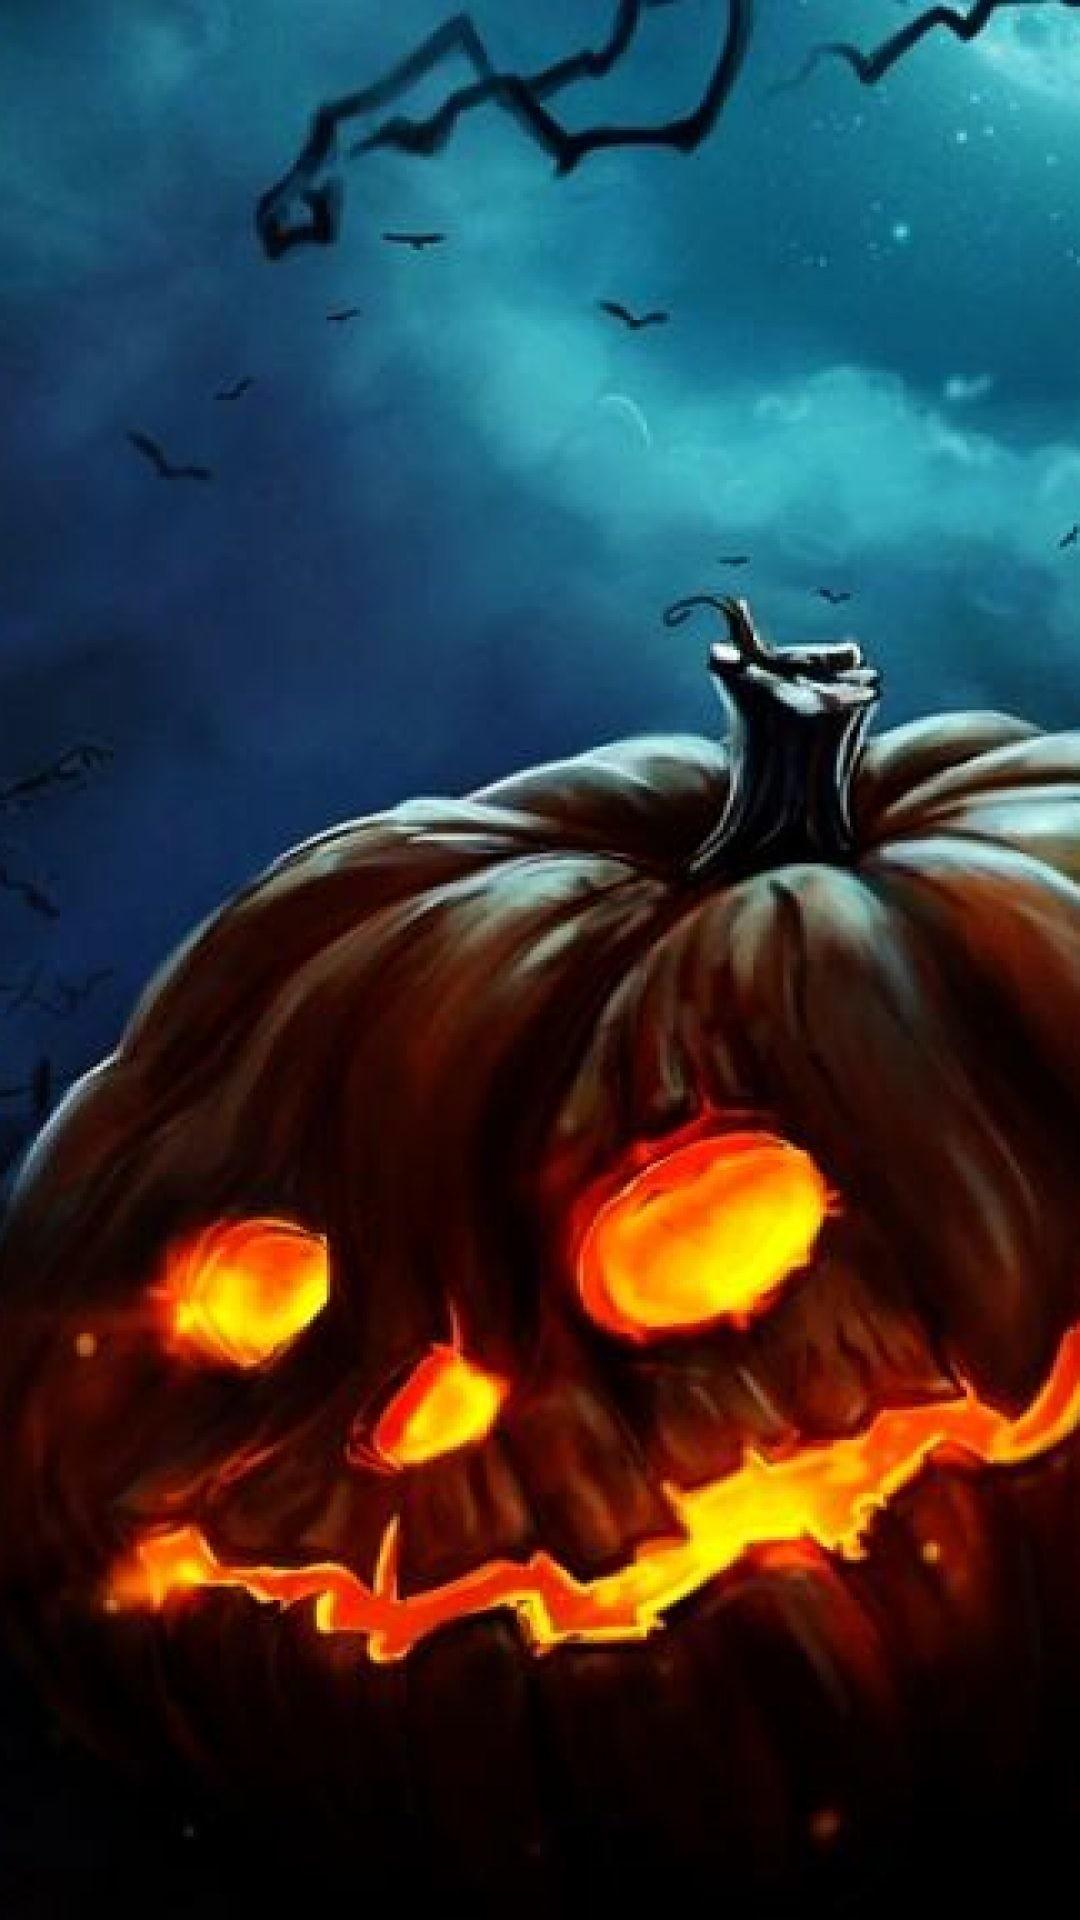 Halloween wallpapers 75 images - Free widescreen halloween wallpaper ...